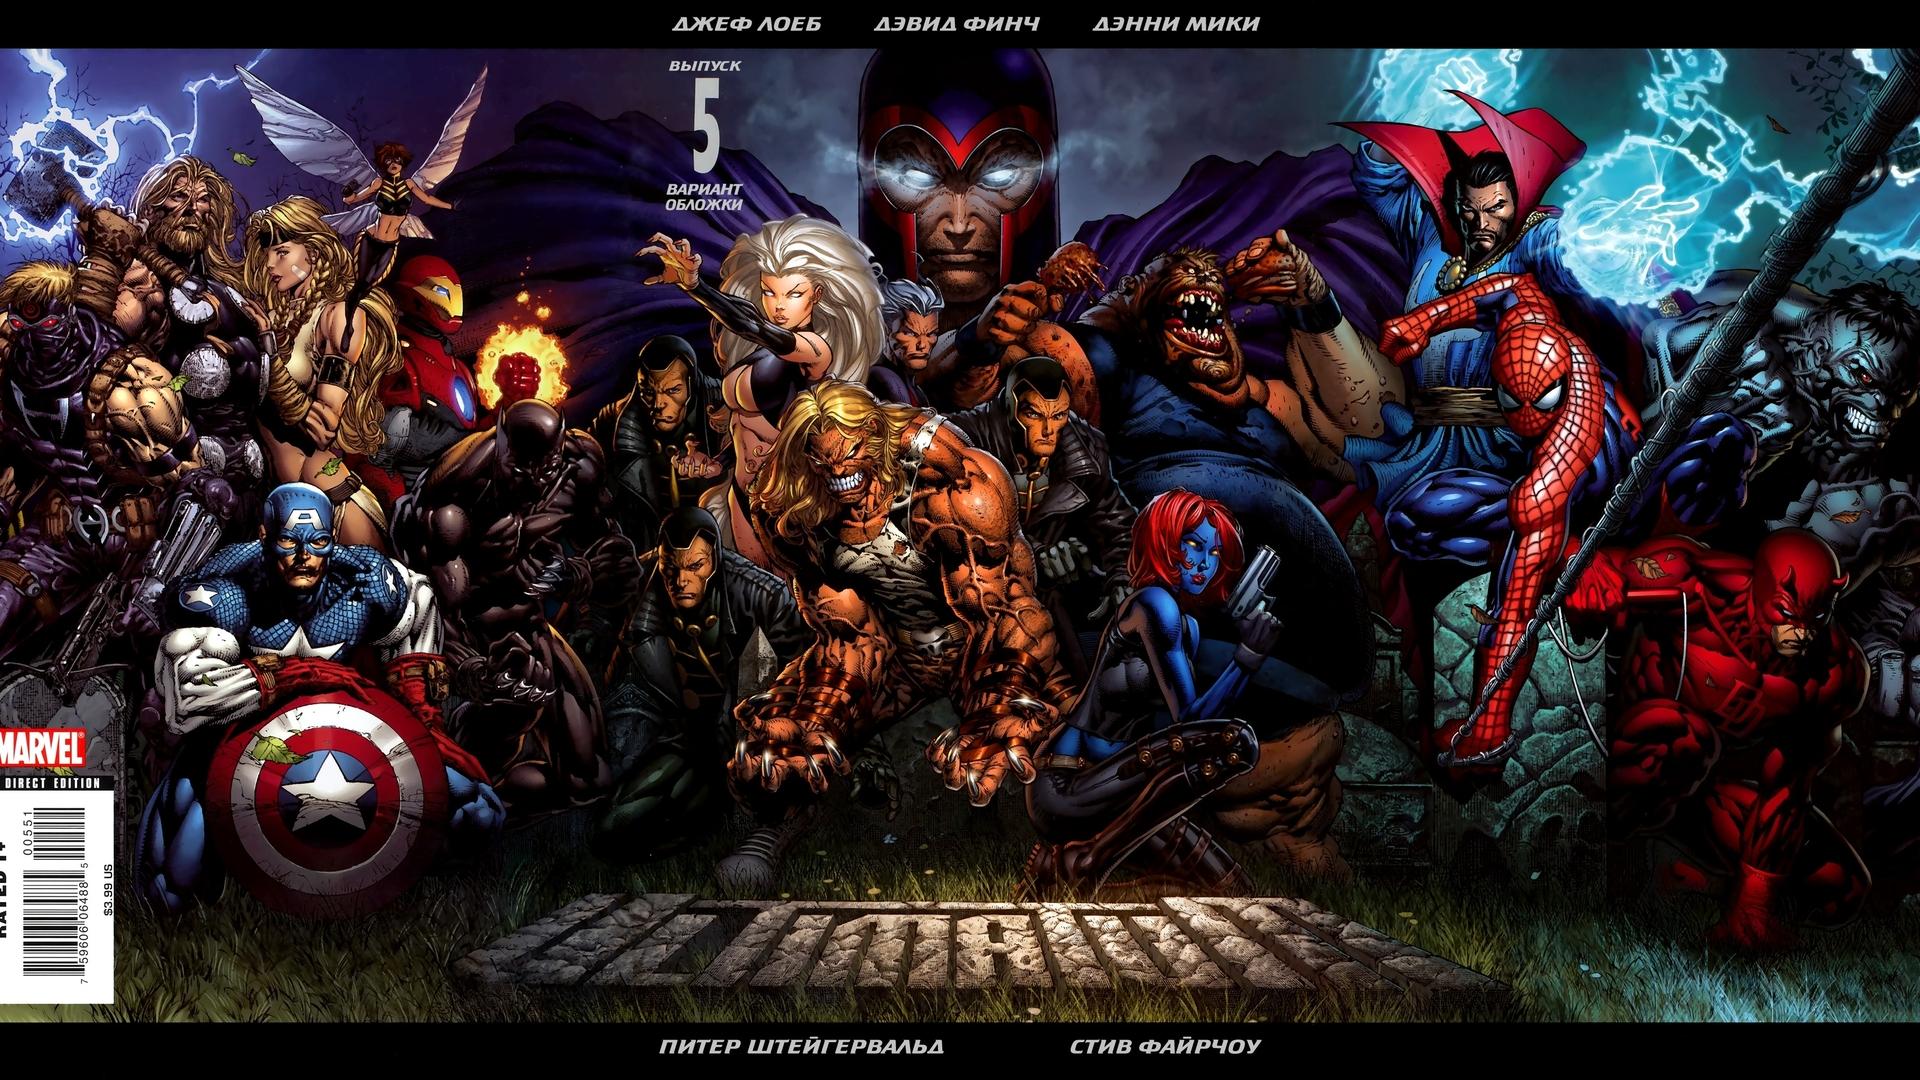 Marvel Fantastic Four Wallpaper Wallpapersafari